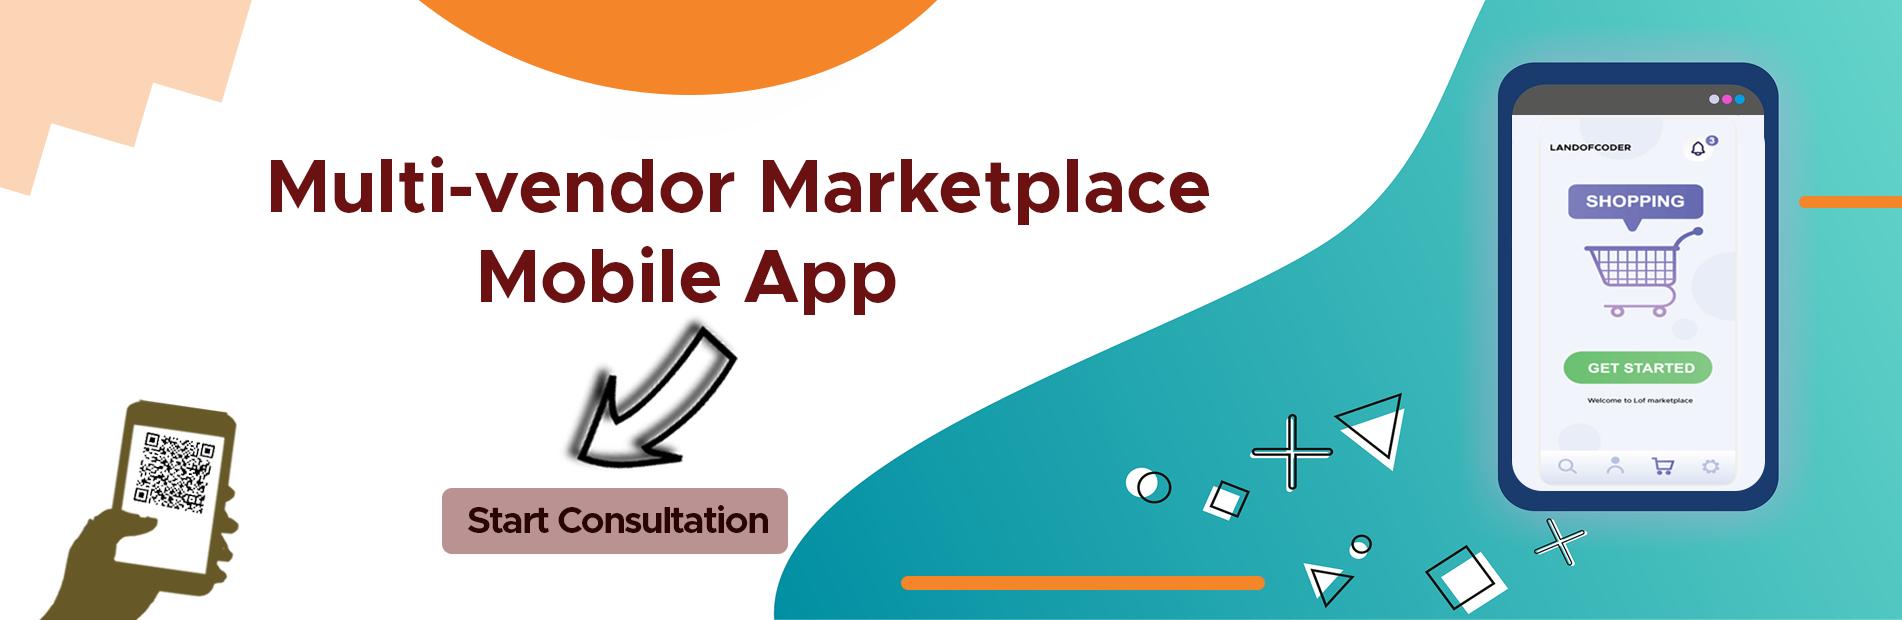 Magento 2 Marketplace - Multi Vendor Mobile App